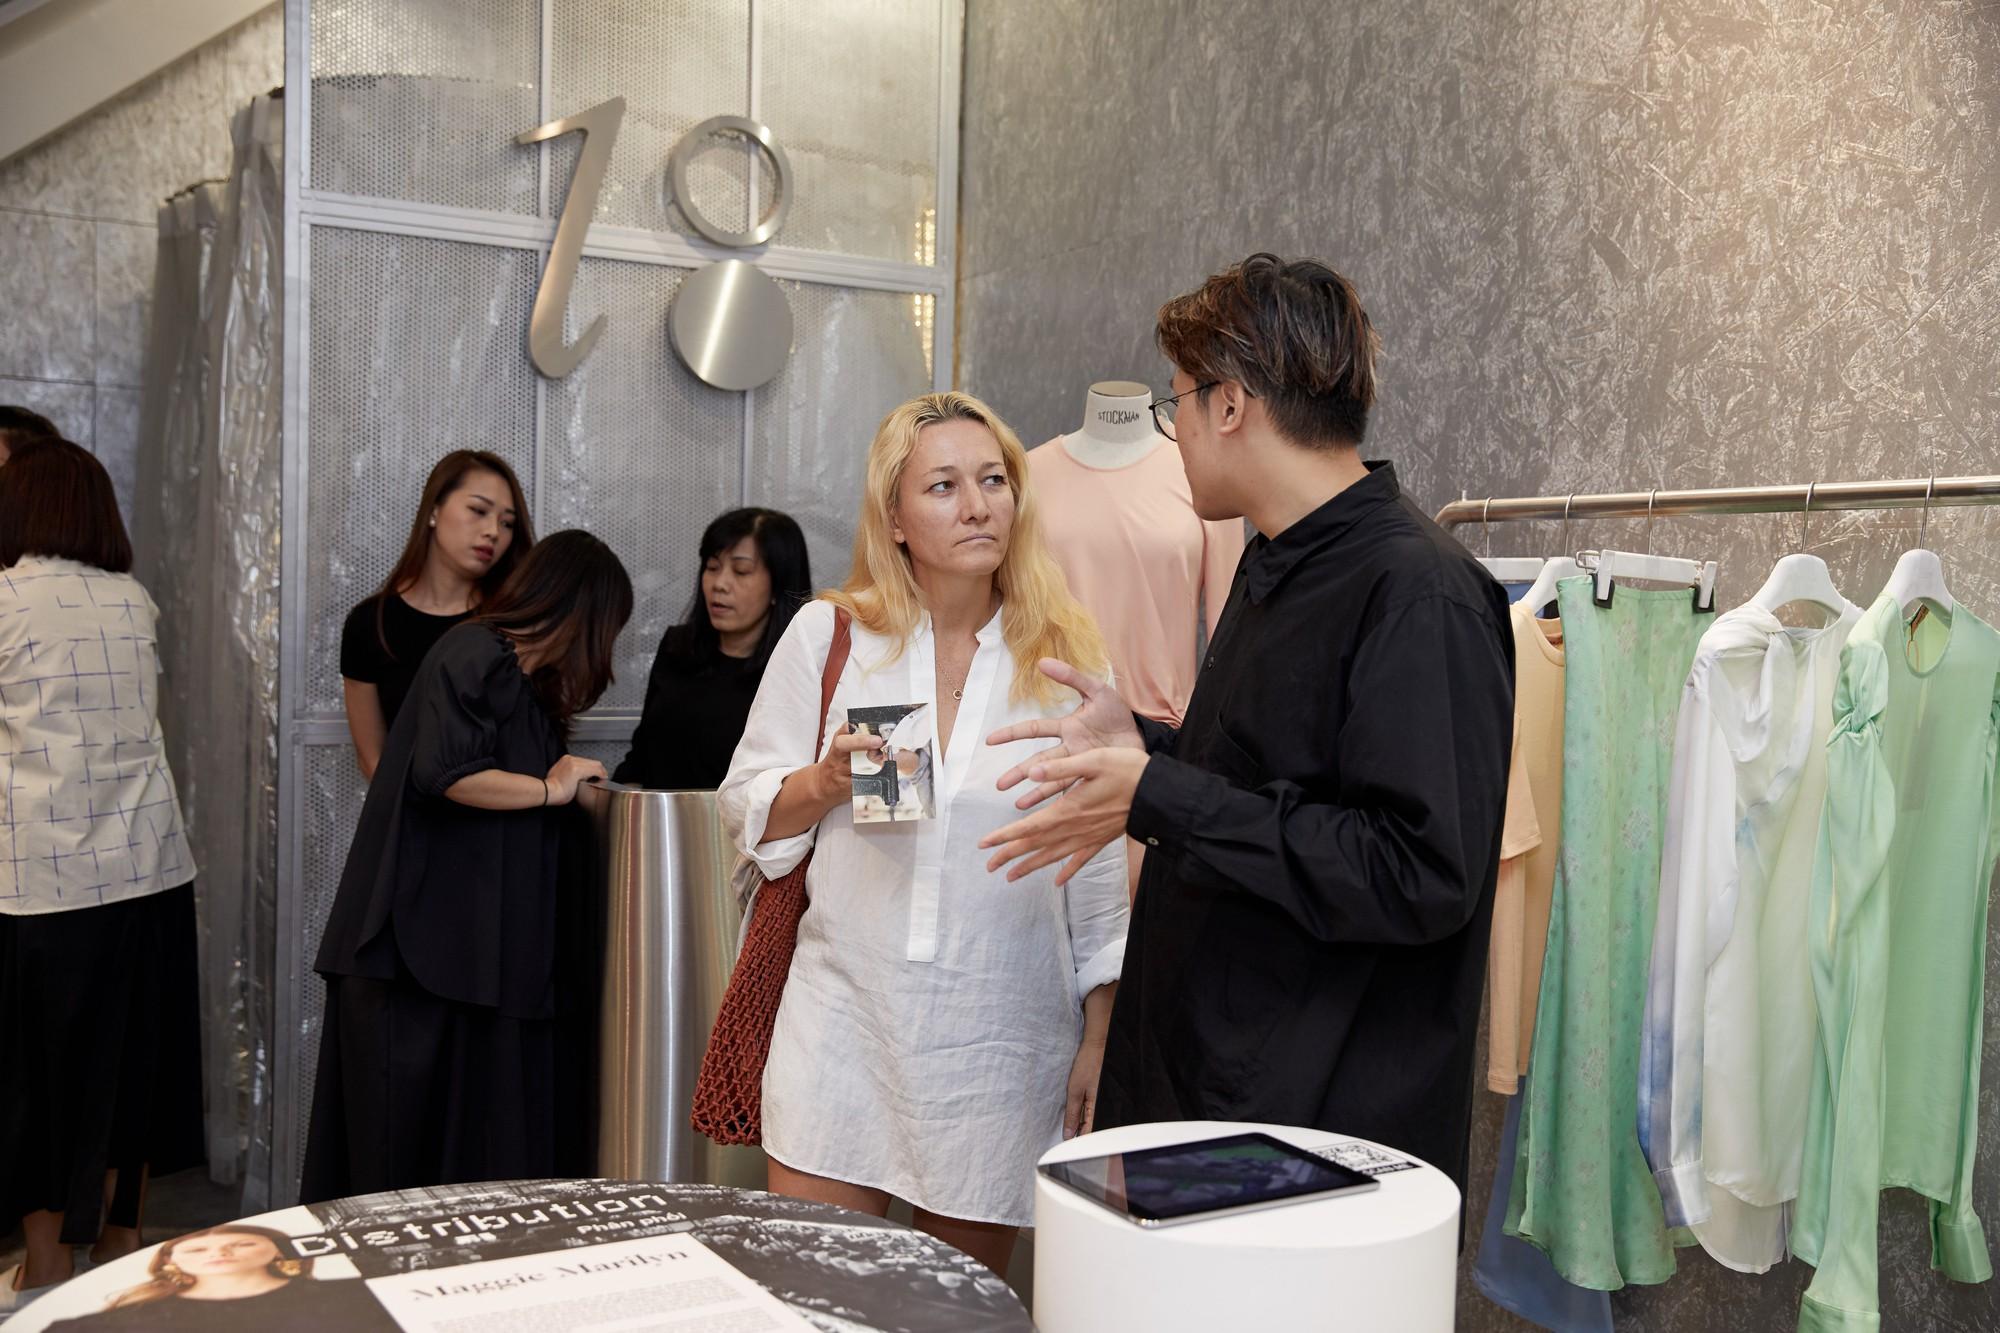 Một chiếc áo phông cotton tốn 2.700 lít nước – Đã đến lúc các cô gái hướng đến thời trang bền vững - Ảnh 4.